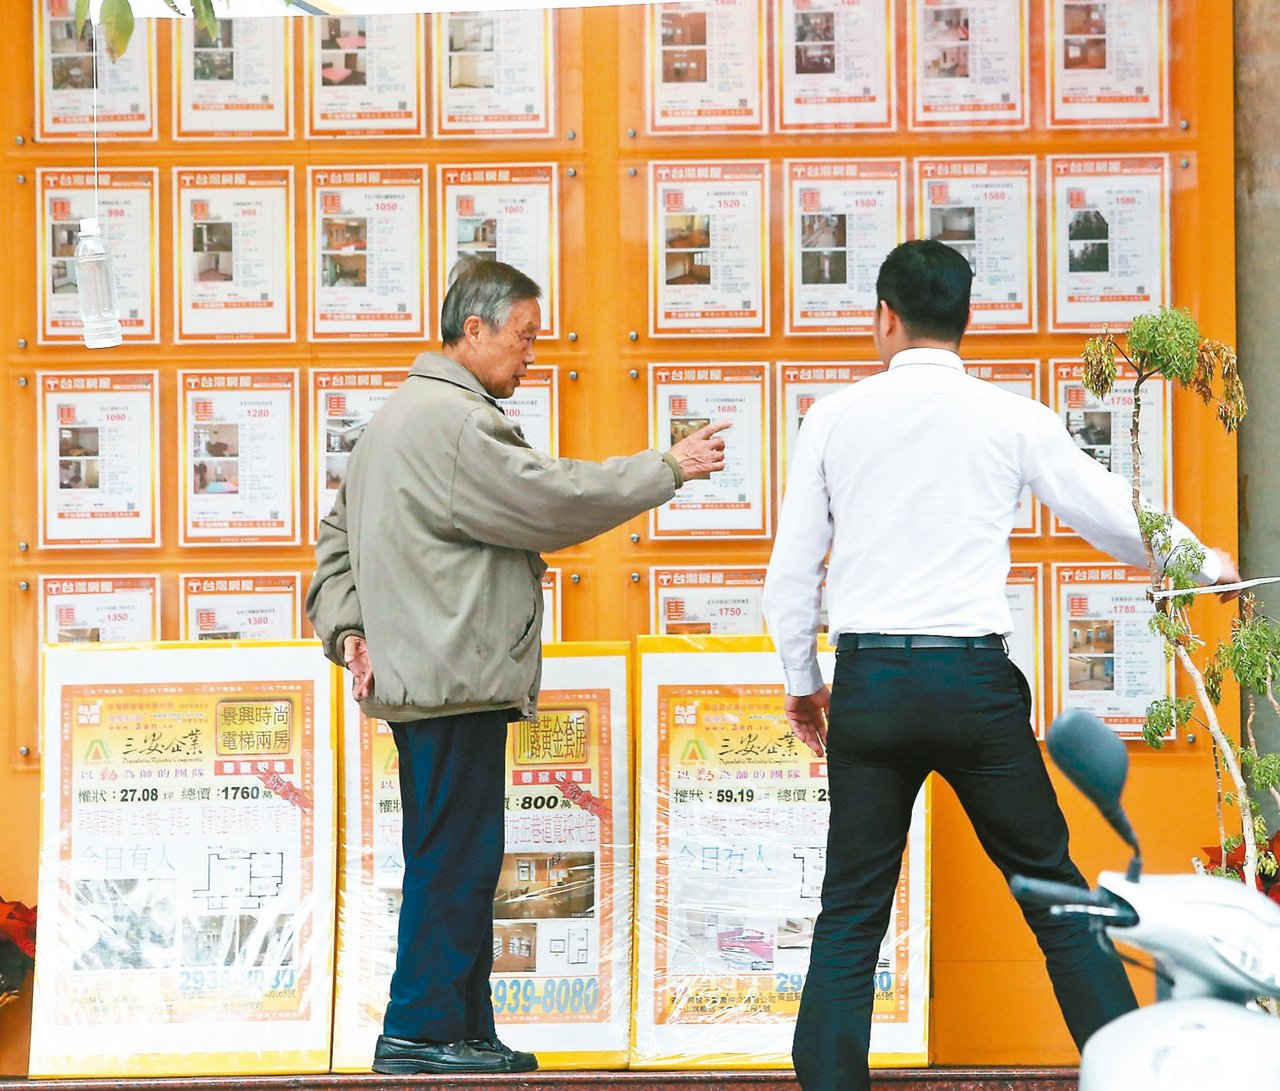 房地合一稅從105年開始實施,還是有不少民眾不熟悉。 圖/聯合報系資料照片